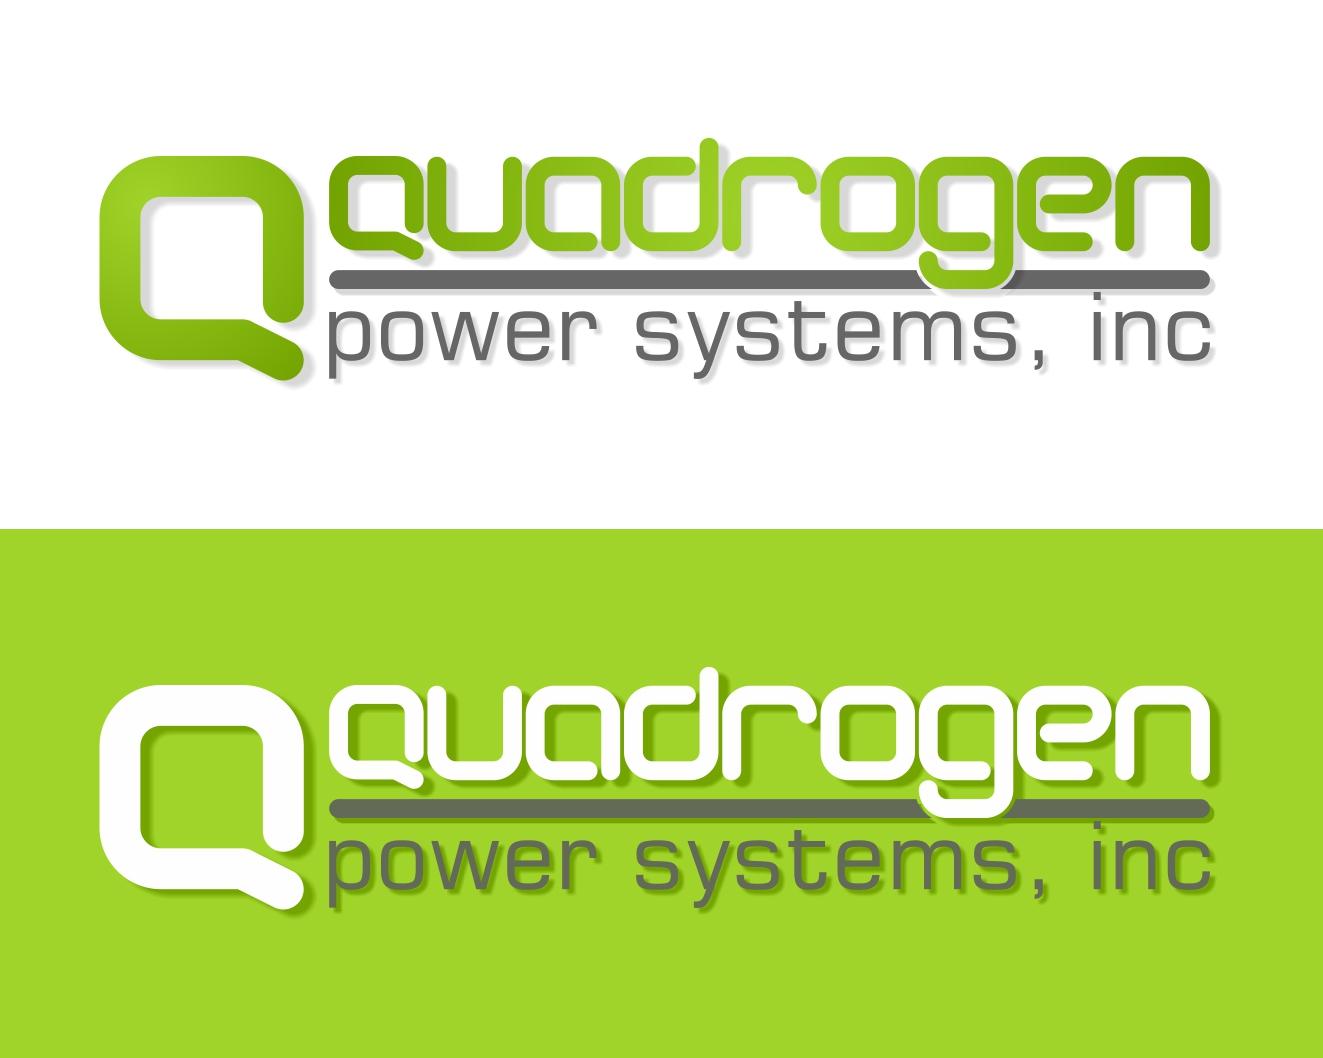 Logo Design by Rares.Andrei - Entry No. 40 in the Logo Design Contest New Logo Design for Quadrogen Power Systems, Inc.